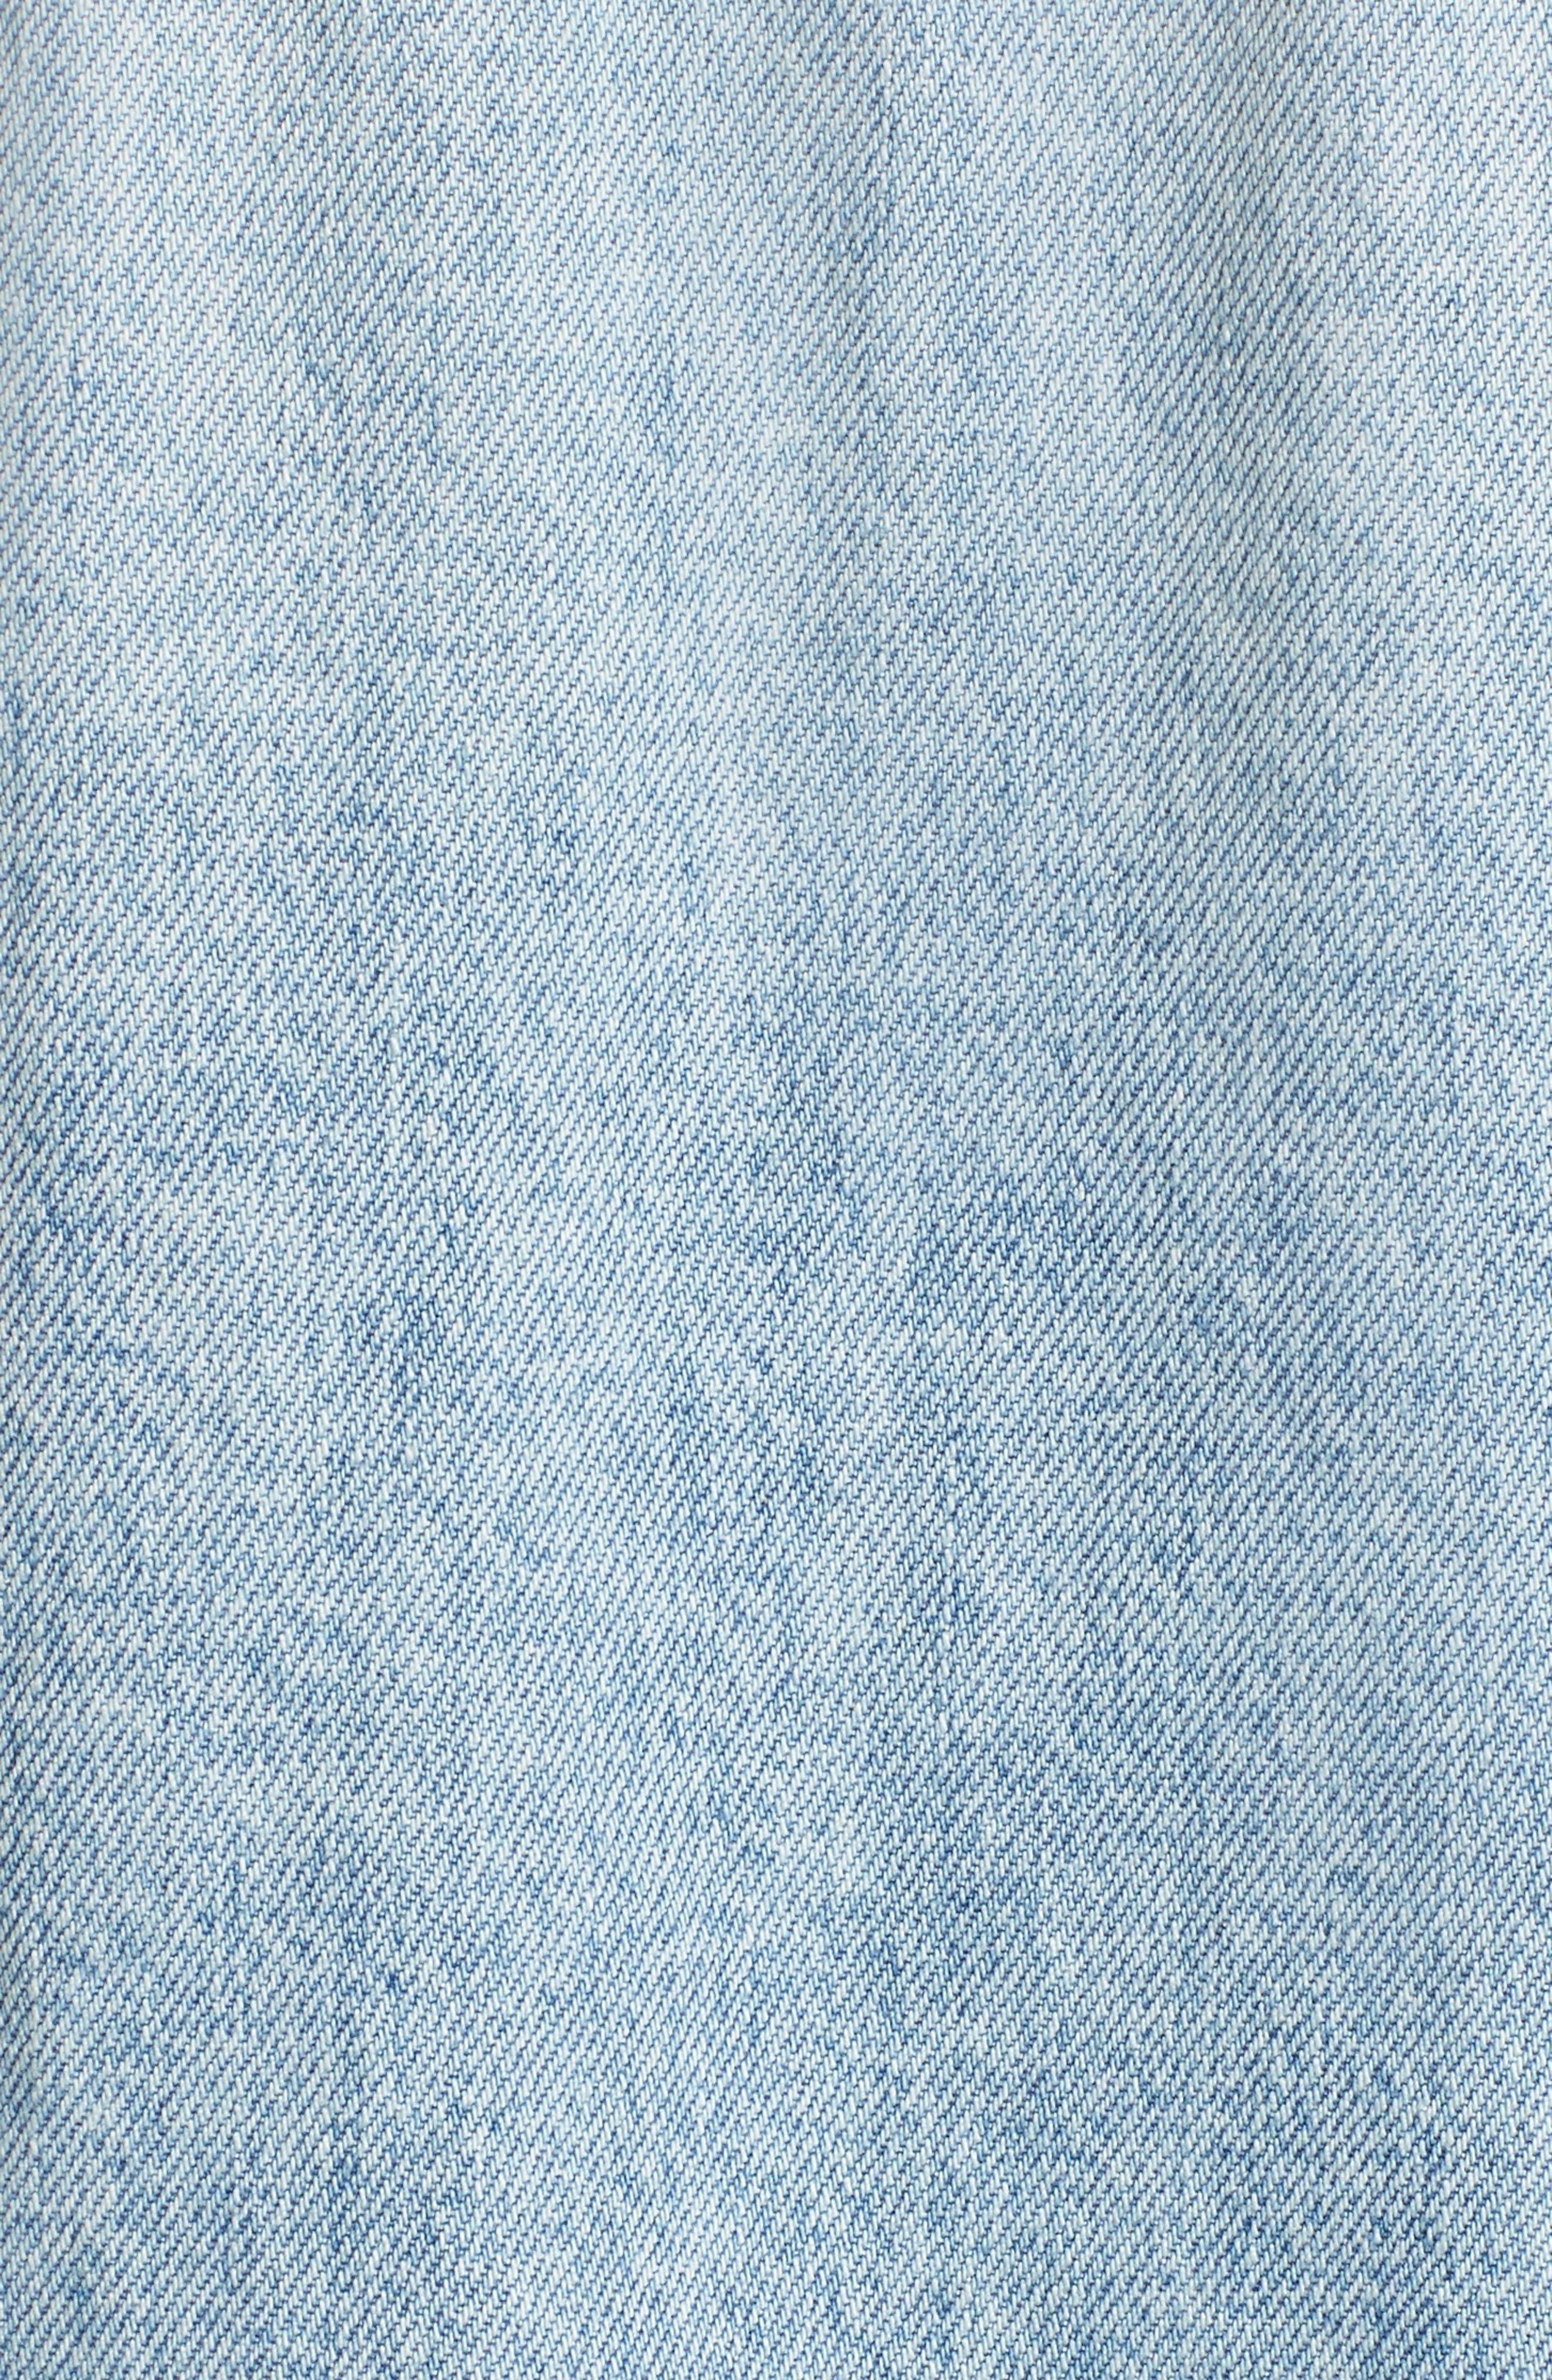 Whiplash Denim Jacket,                             Alternate thumbnail 5, color,                             Whiplash Blue